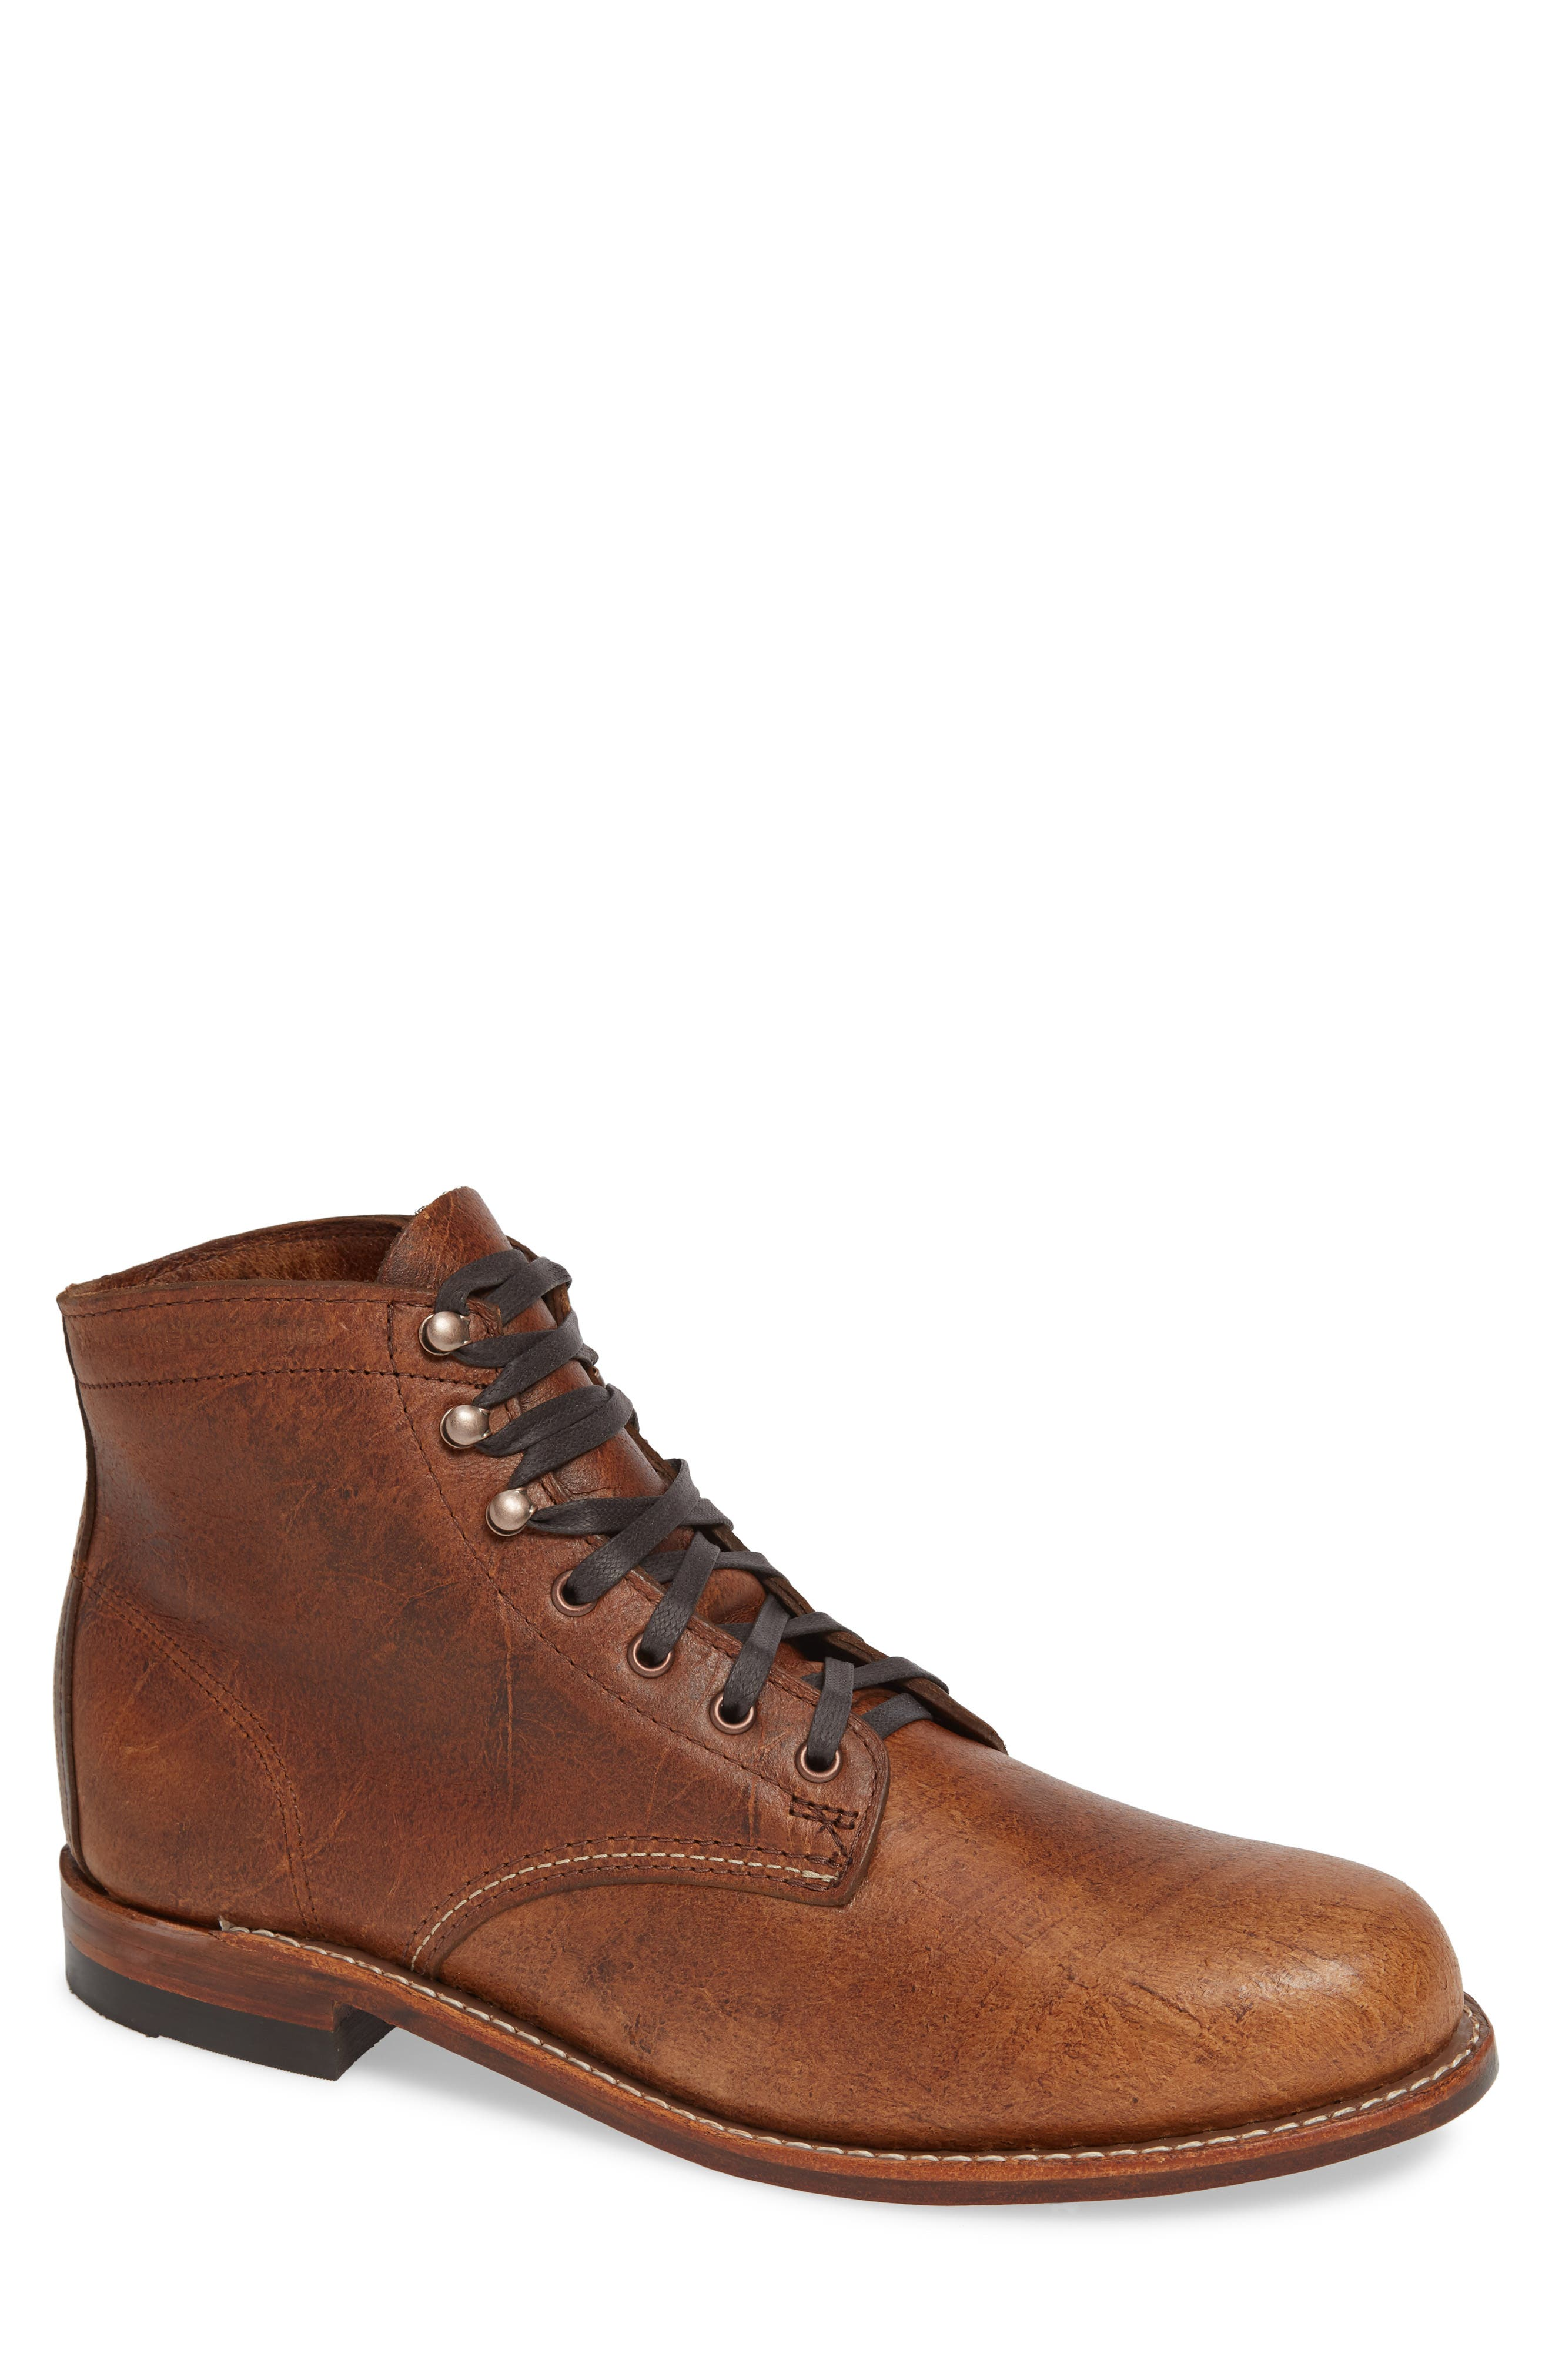 '1000 Mile' Plain Toe Boot,                             Main thumbnail 1, color,                             COGNAC